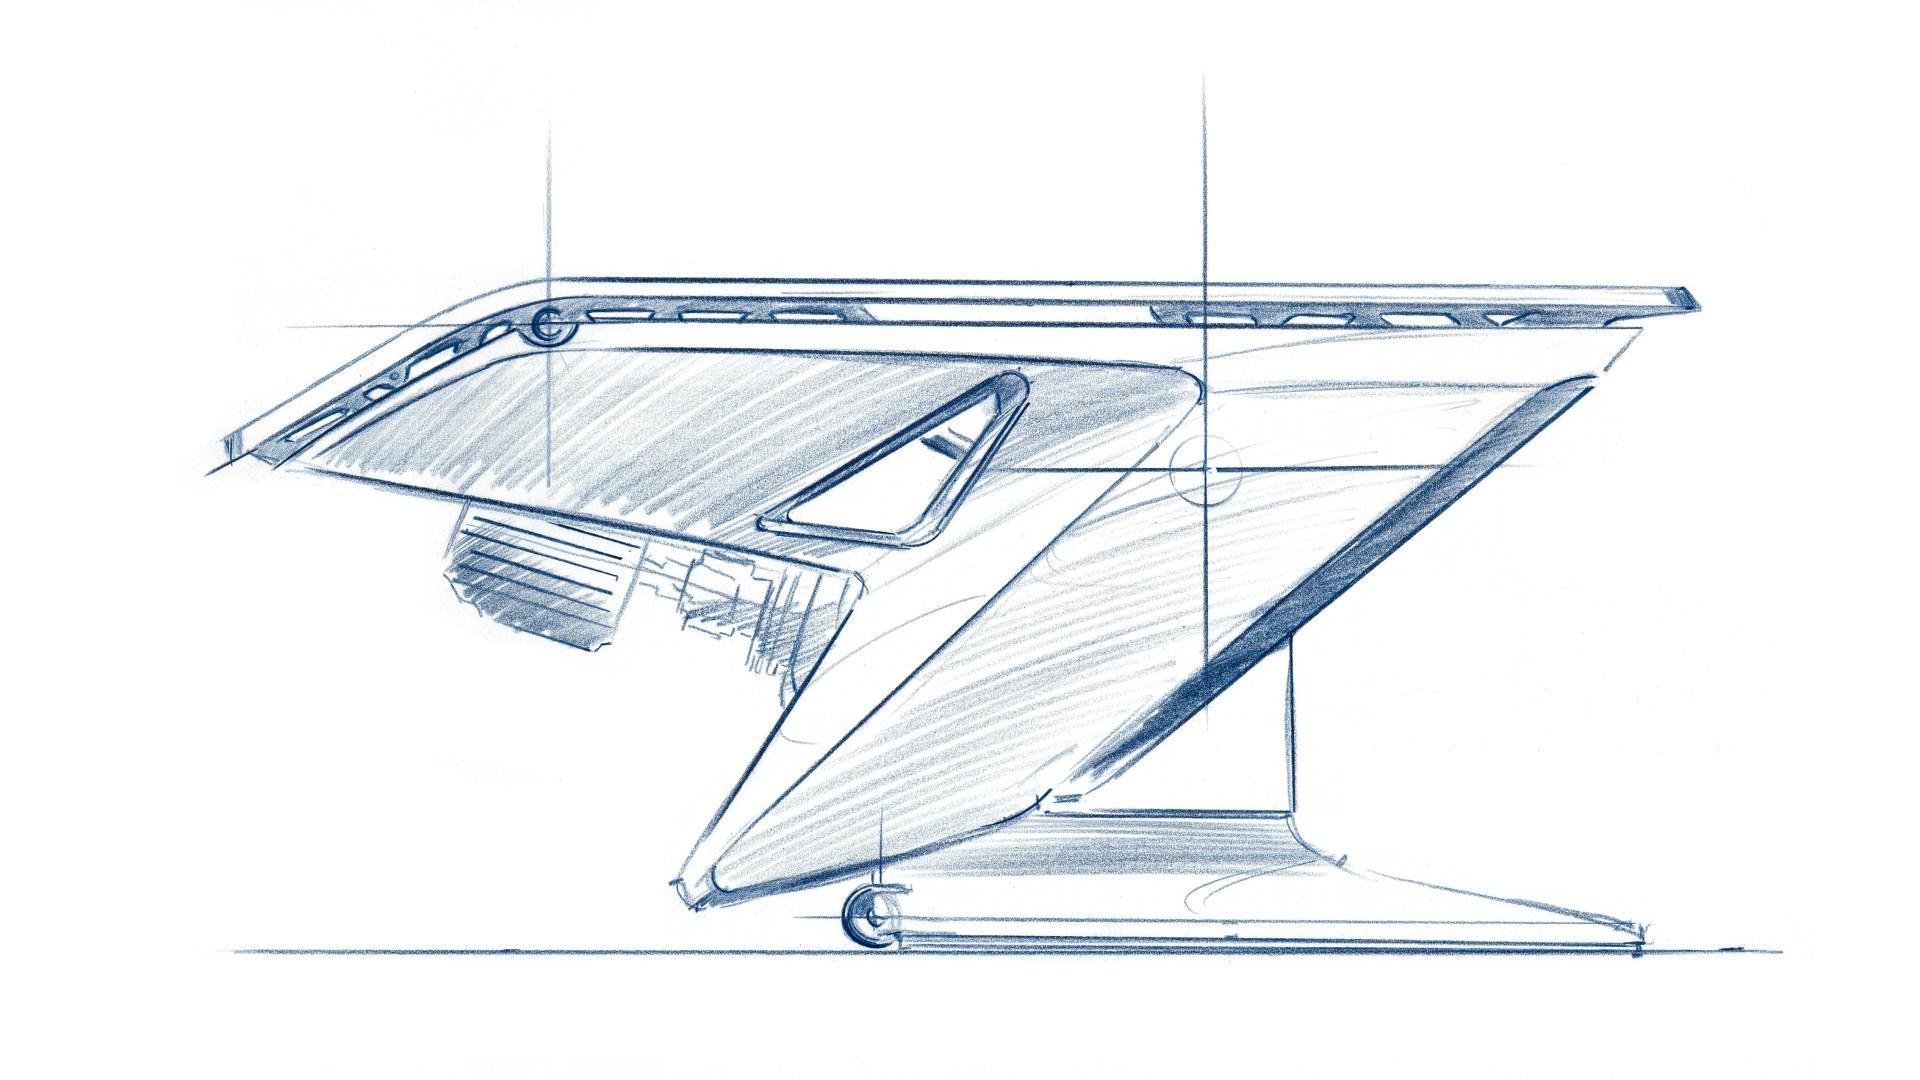 Fusion SL design sketch.